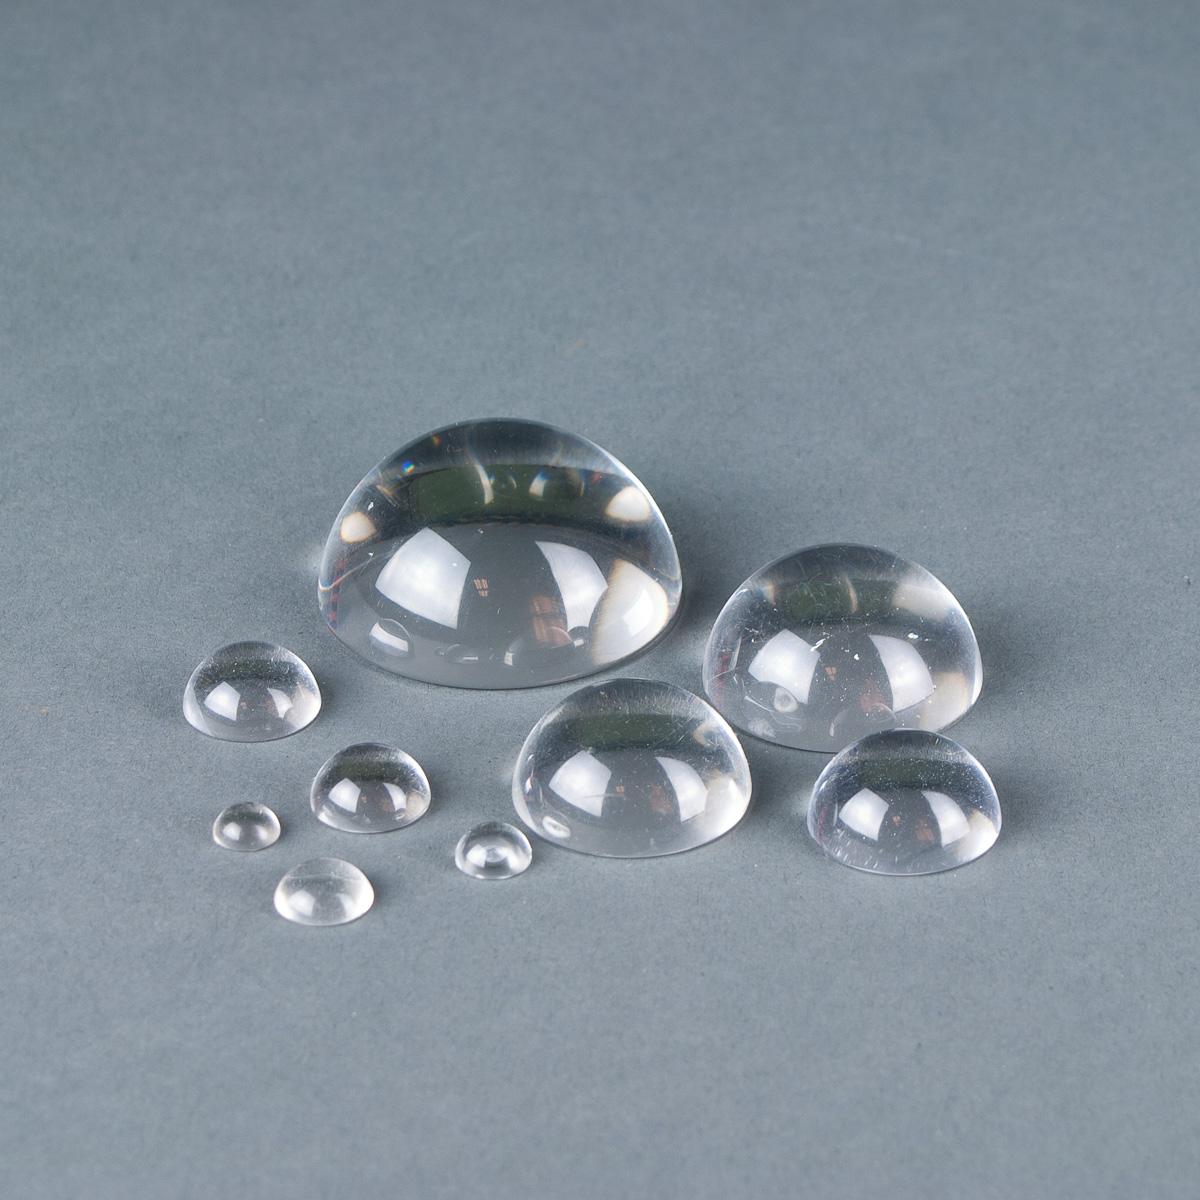 Clear acrylic cabochon